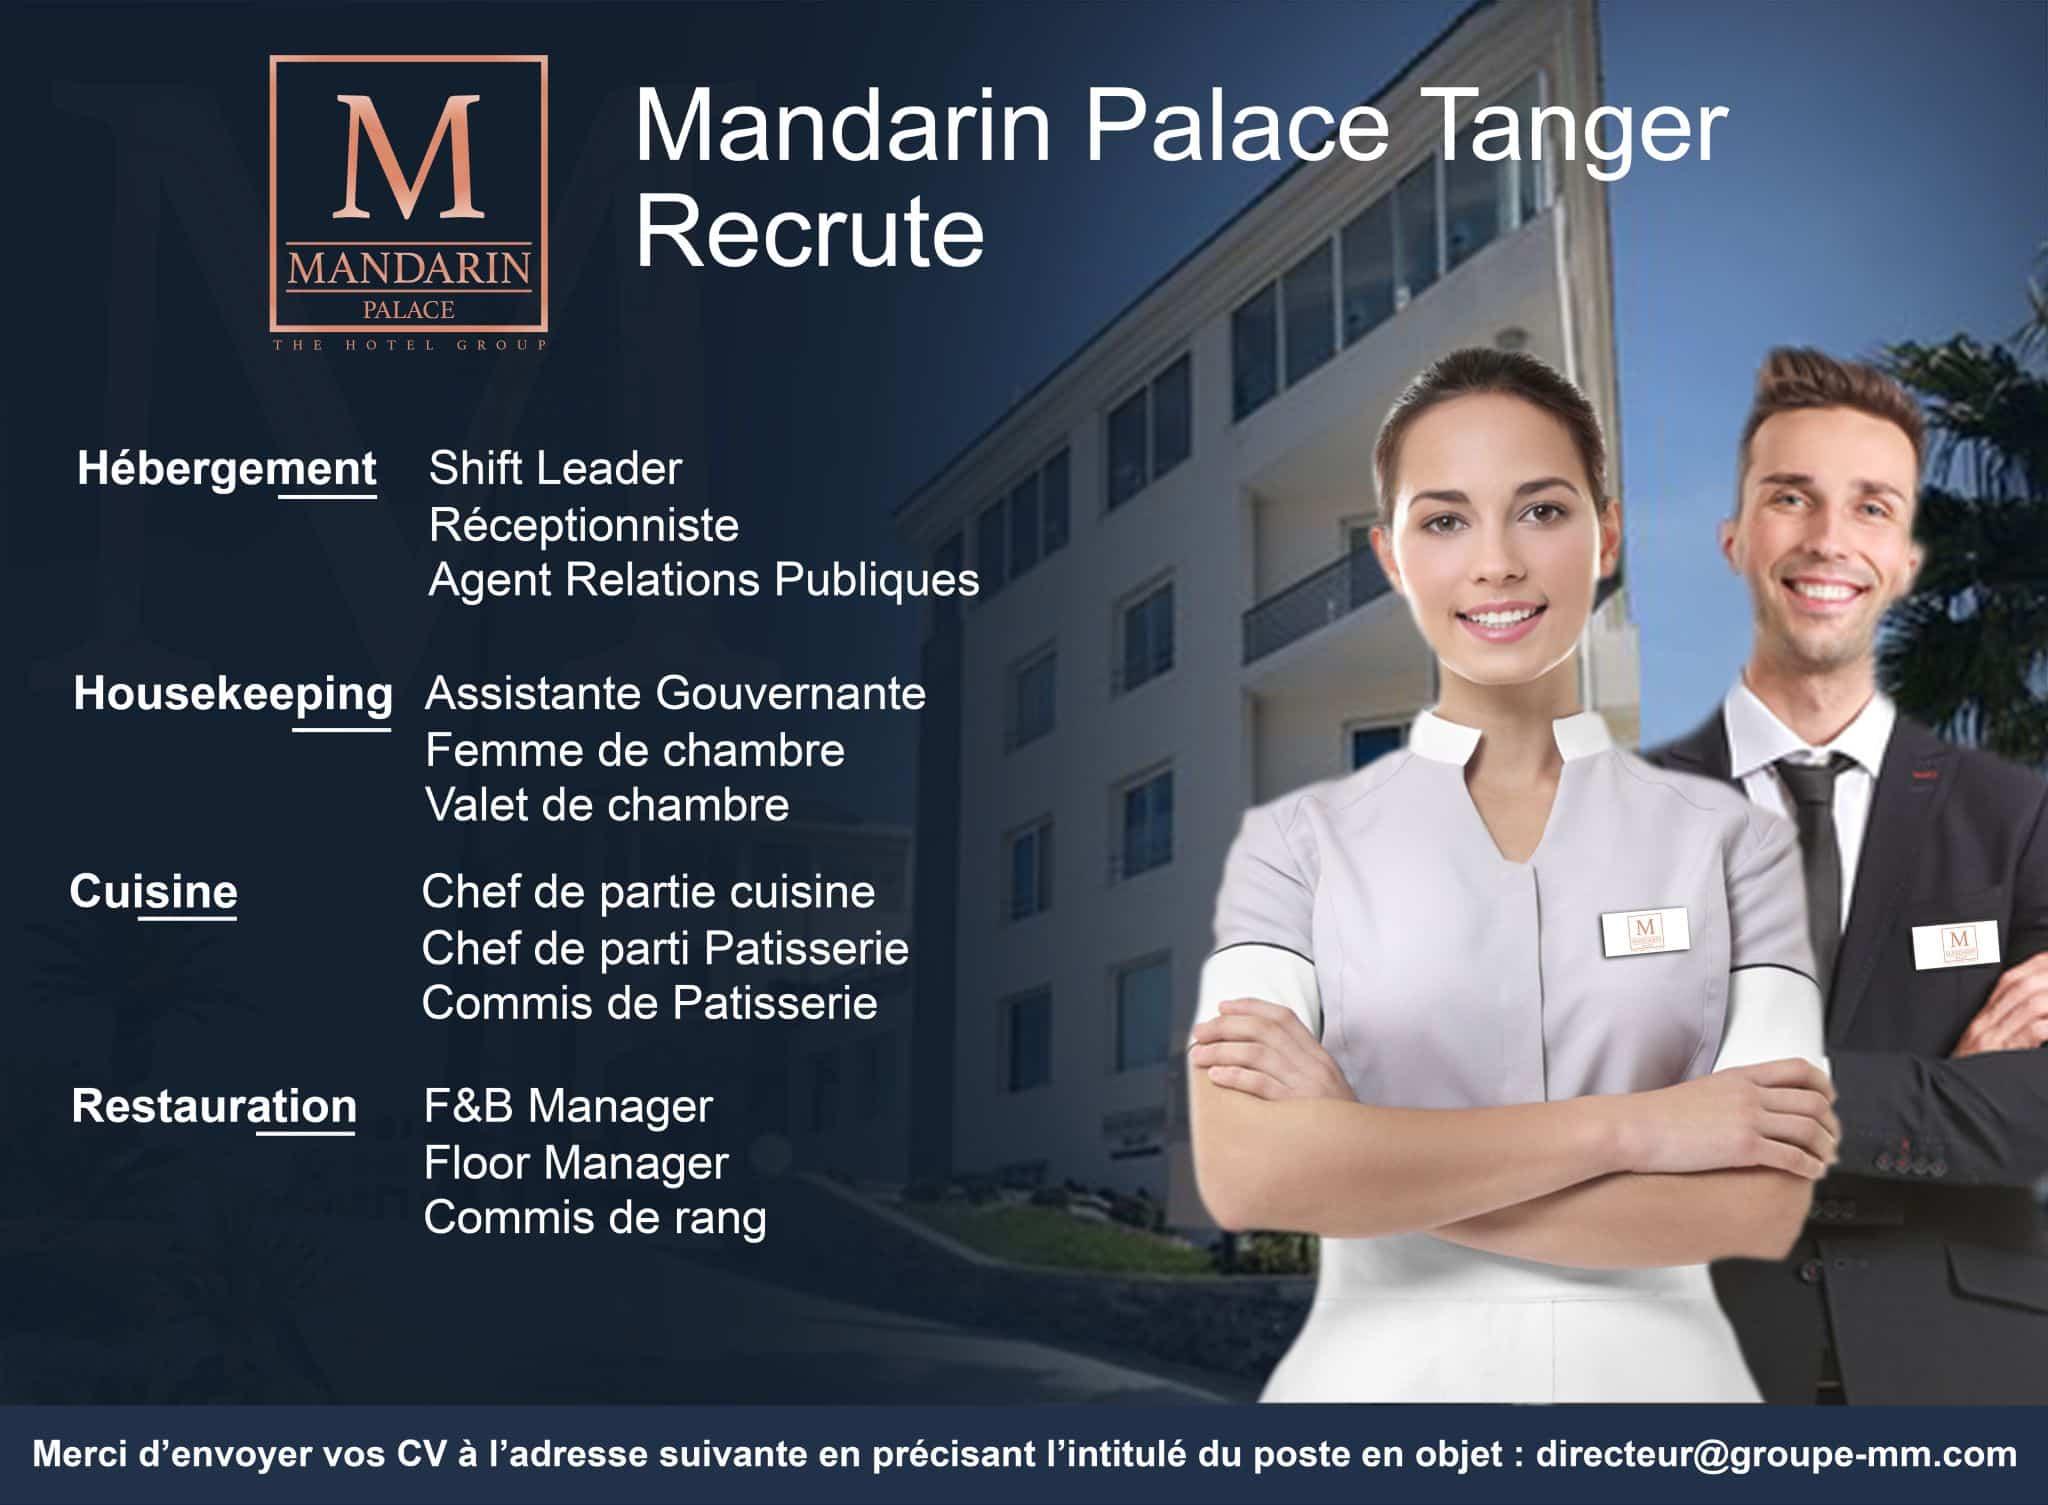 Mandarin Palace Tanger يوظف عدة مناصب